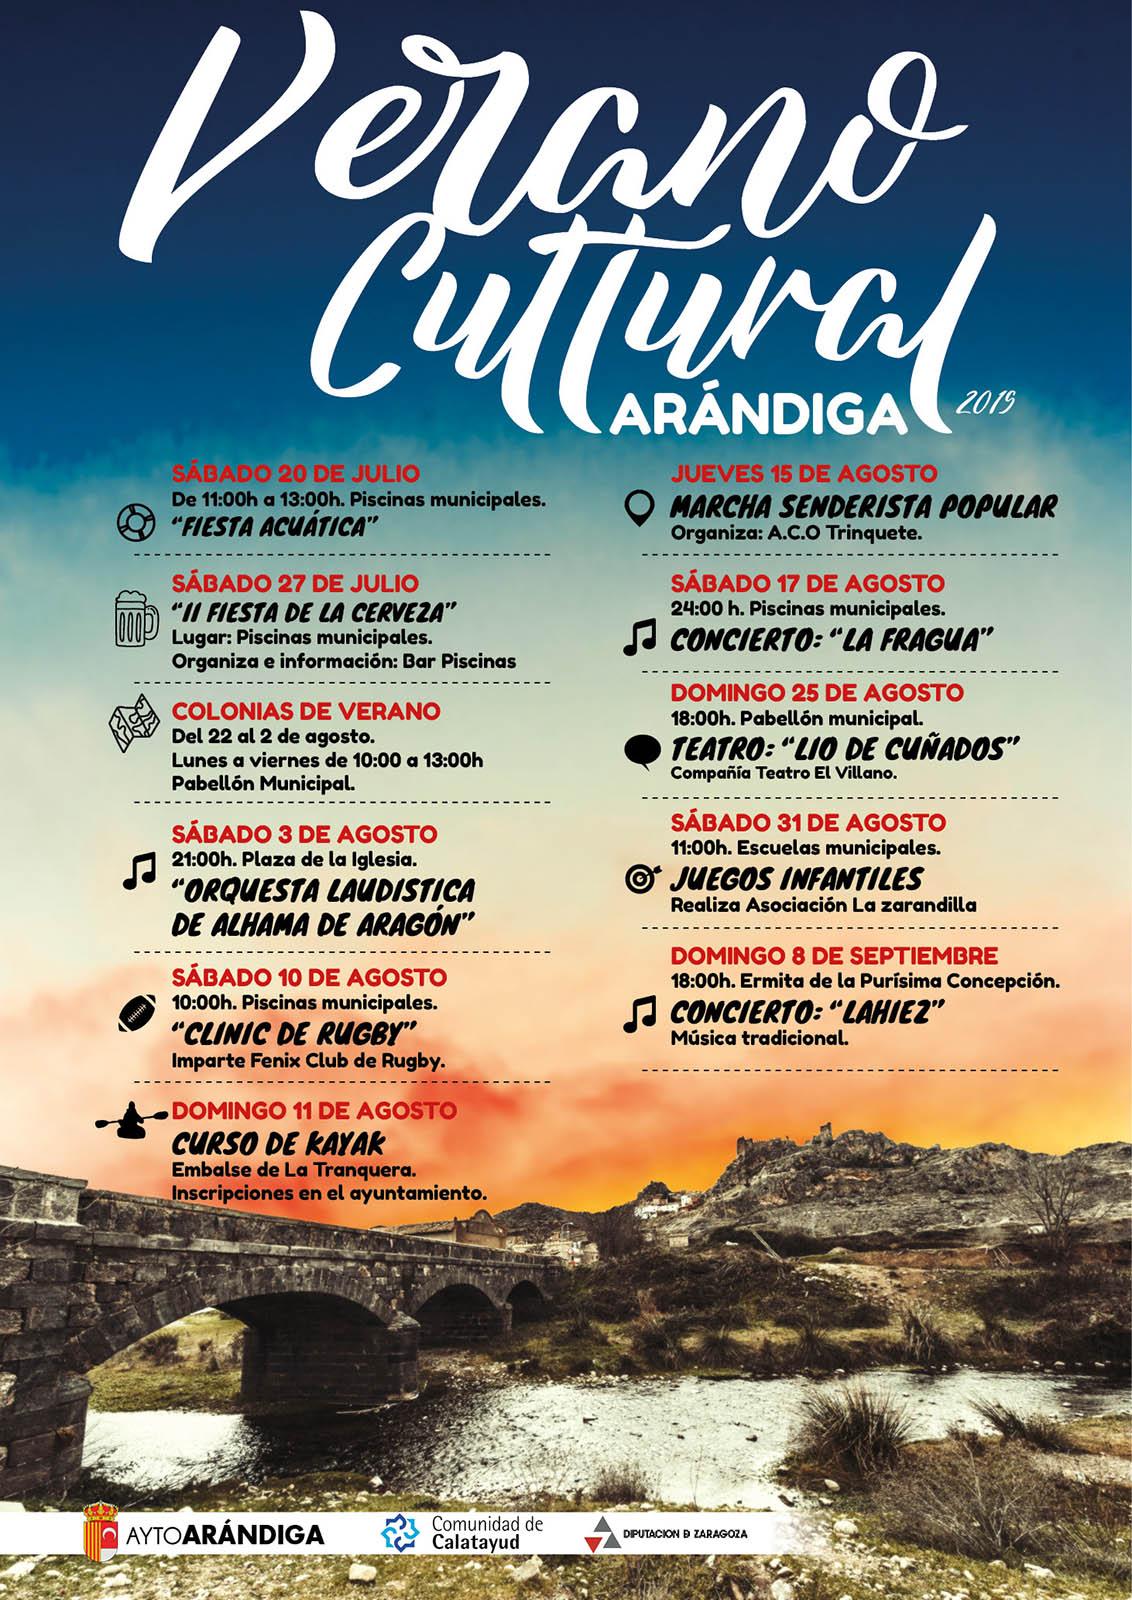 Cartel Verano Cultural Arándiga 2019